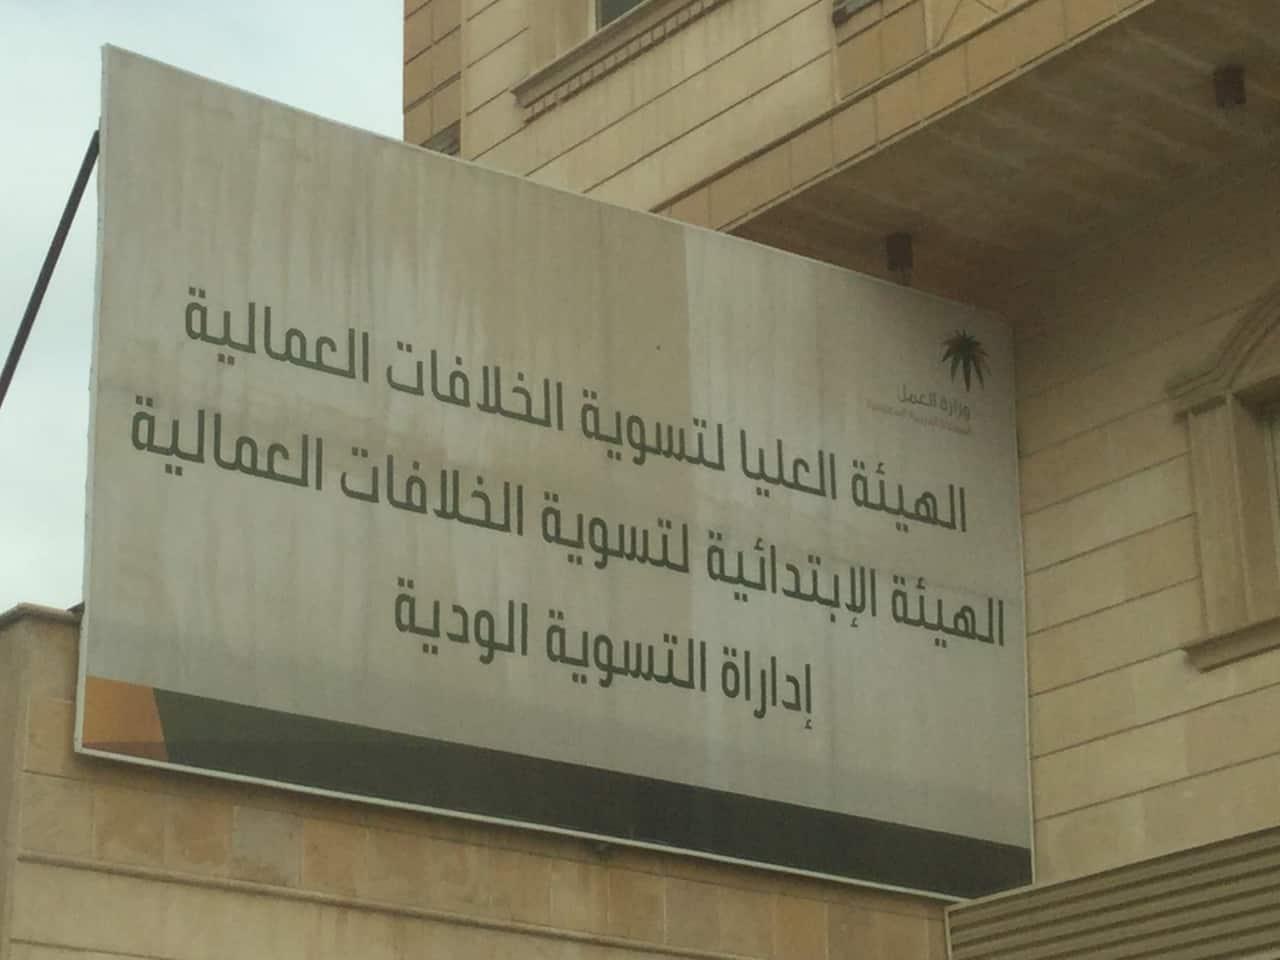 الهيئة العليا لتسوية الخلافات العمالية